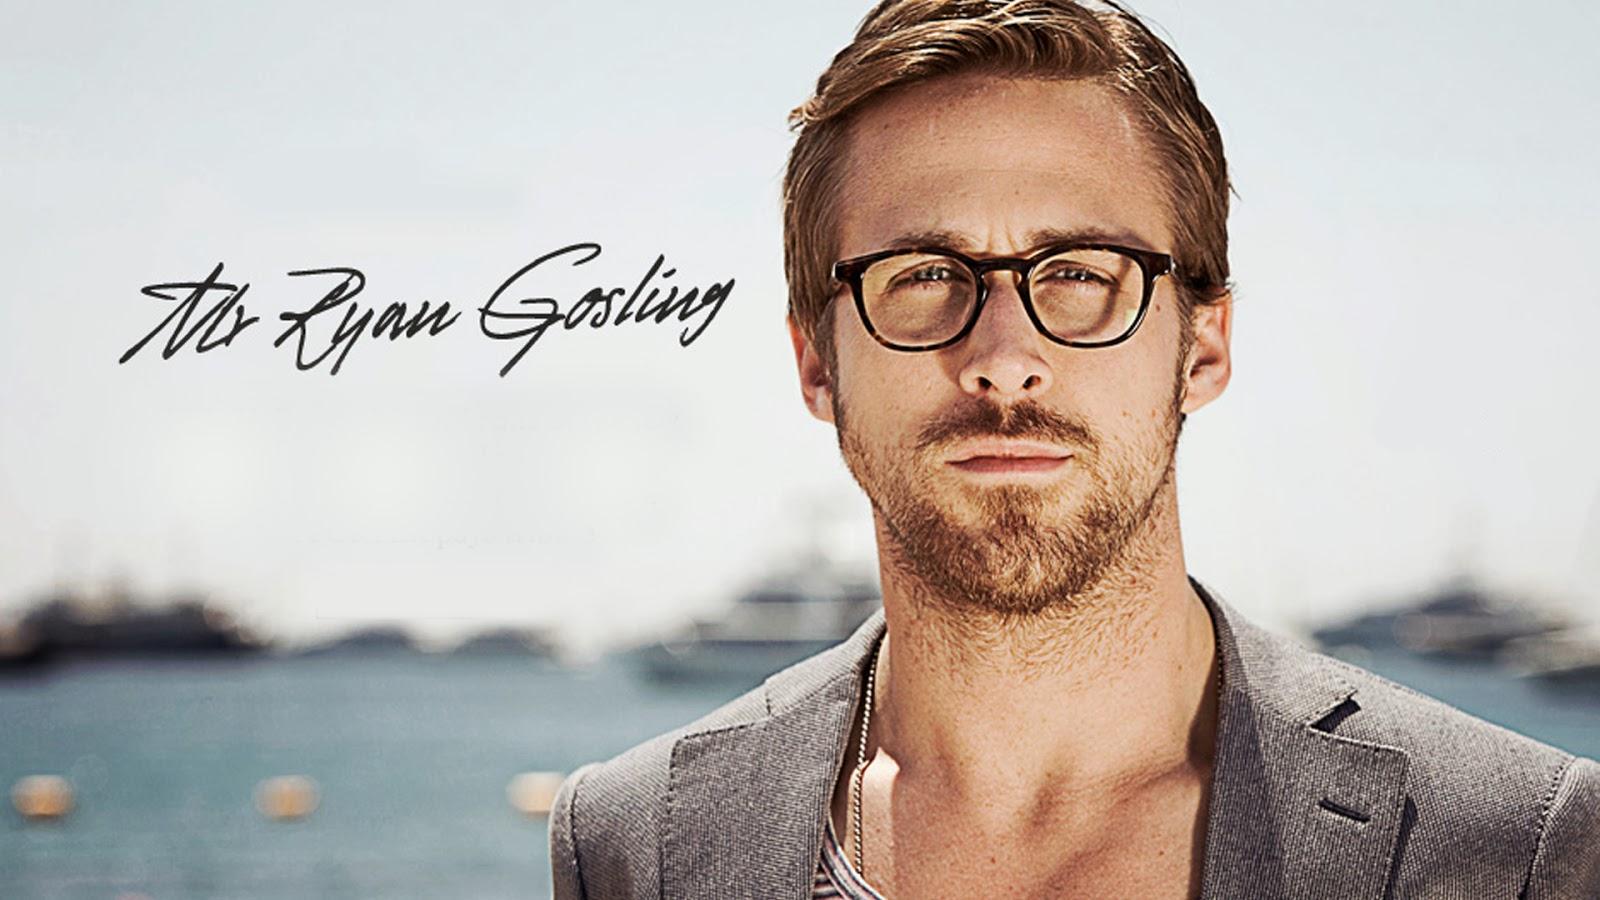 ryan gosling wallpaper (1)